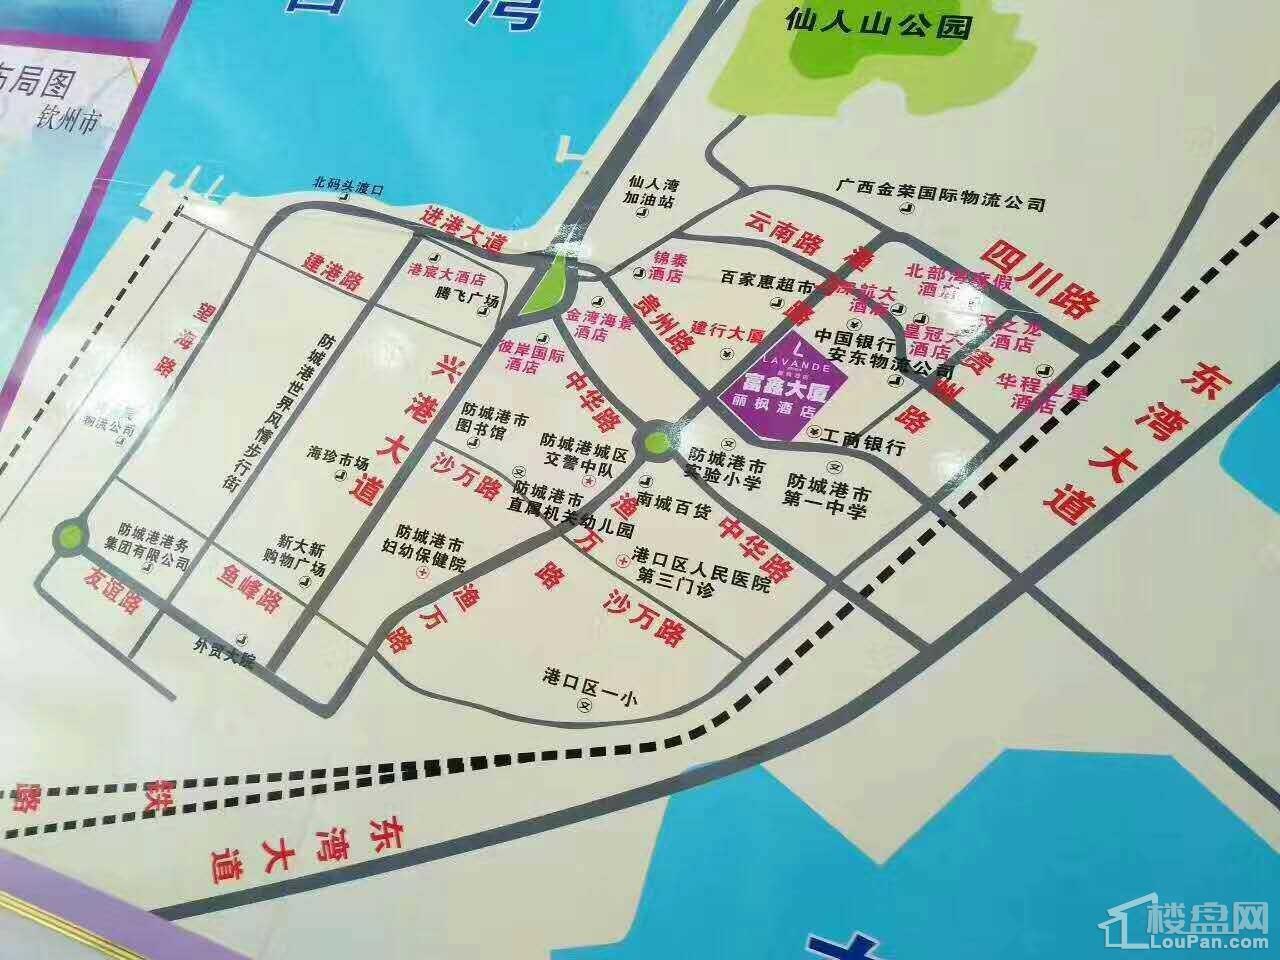 富鑫·丽枫酒店位置图